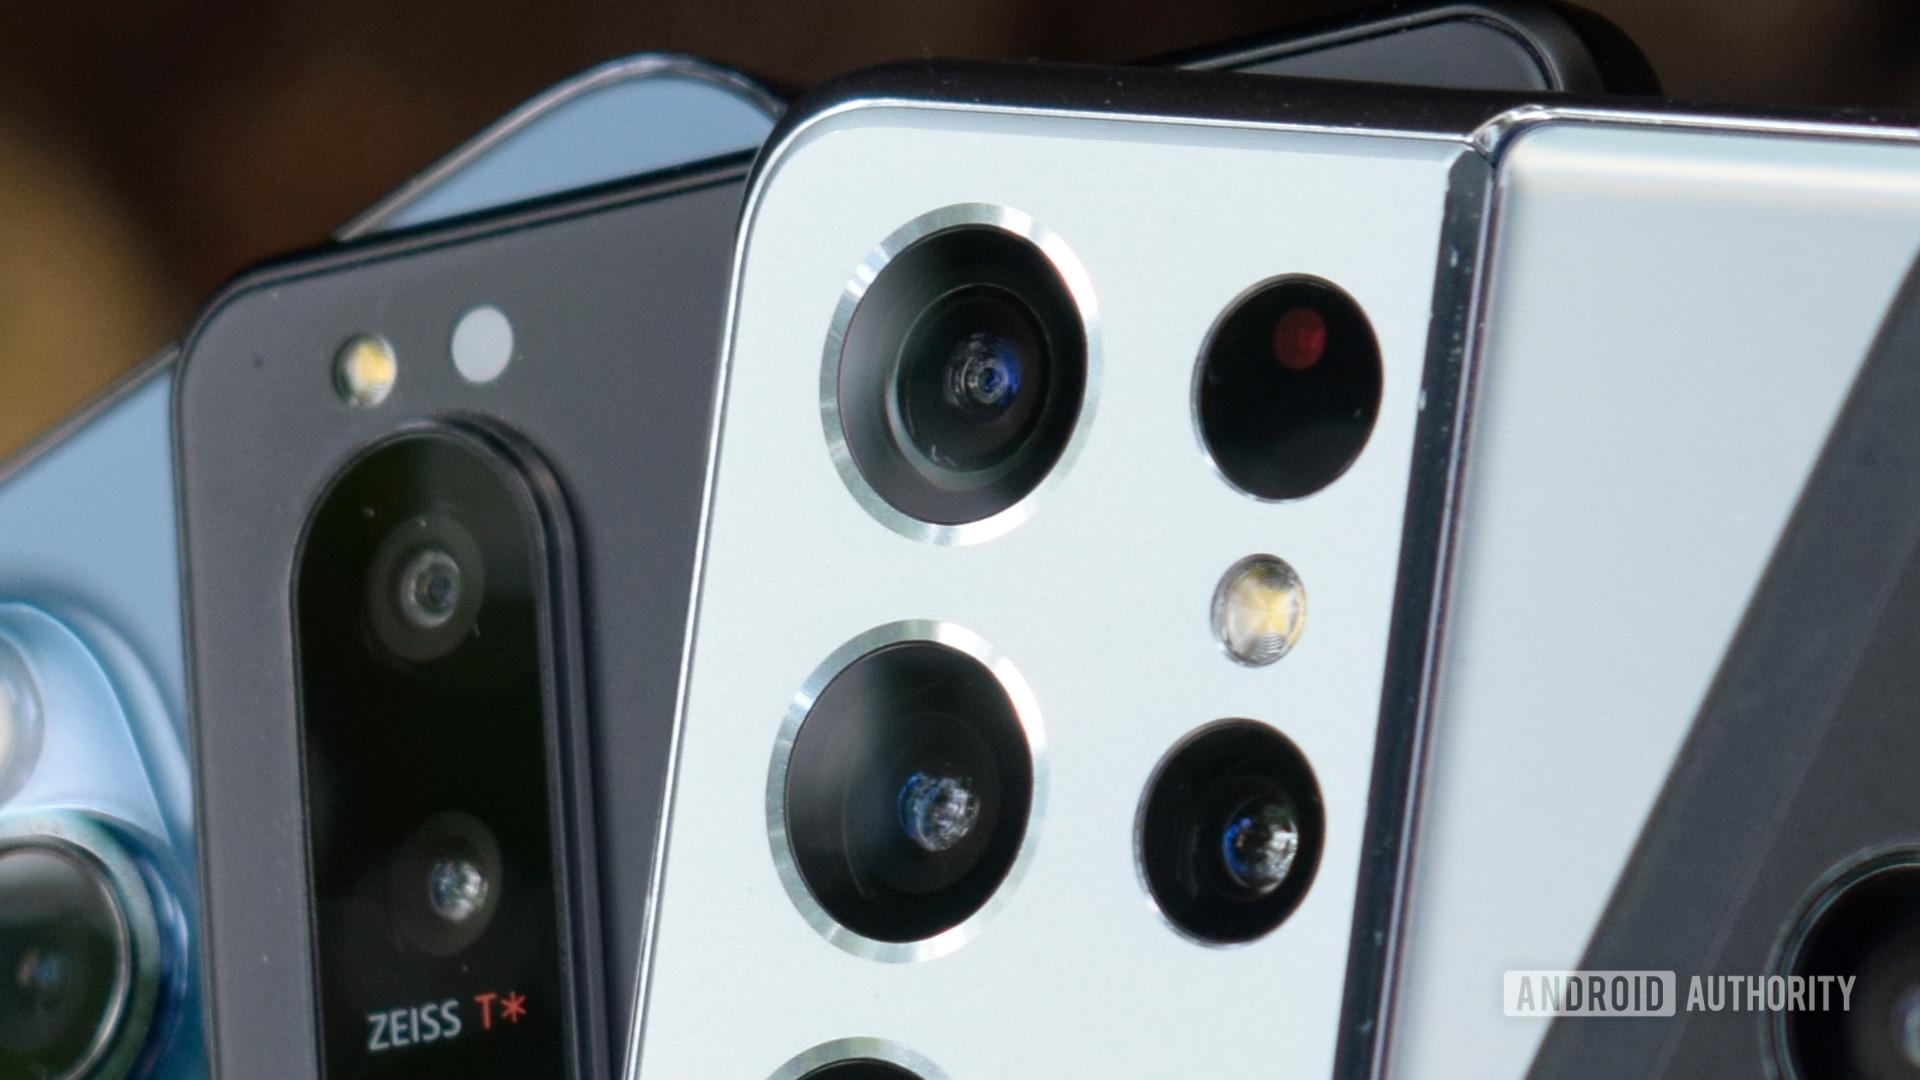 Close up of smartphone camera lens